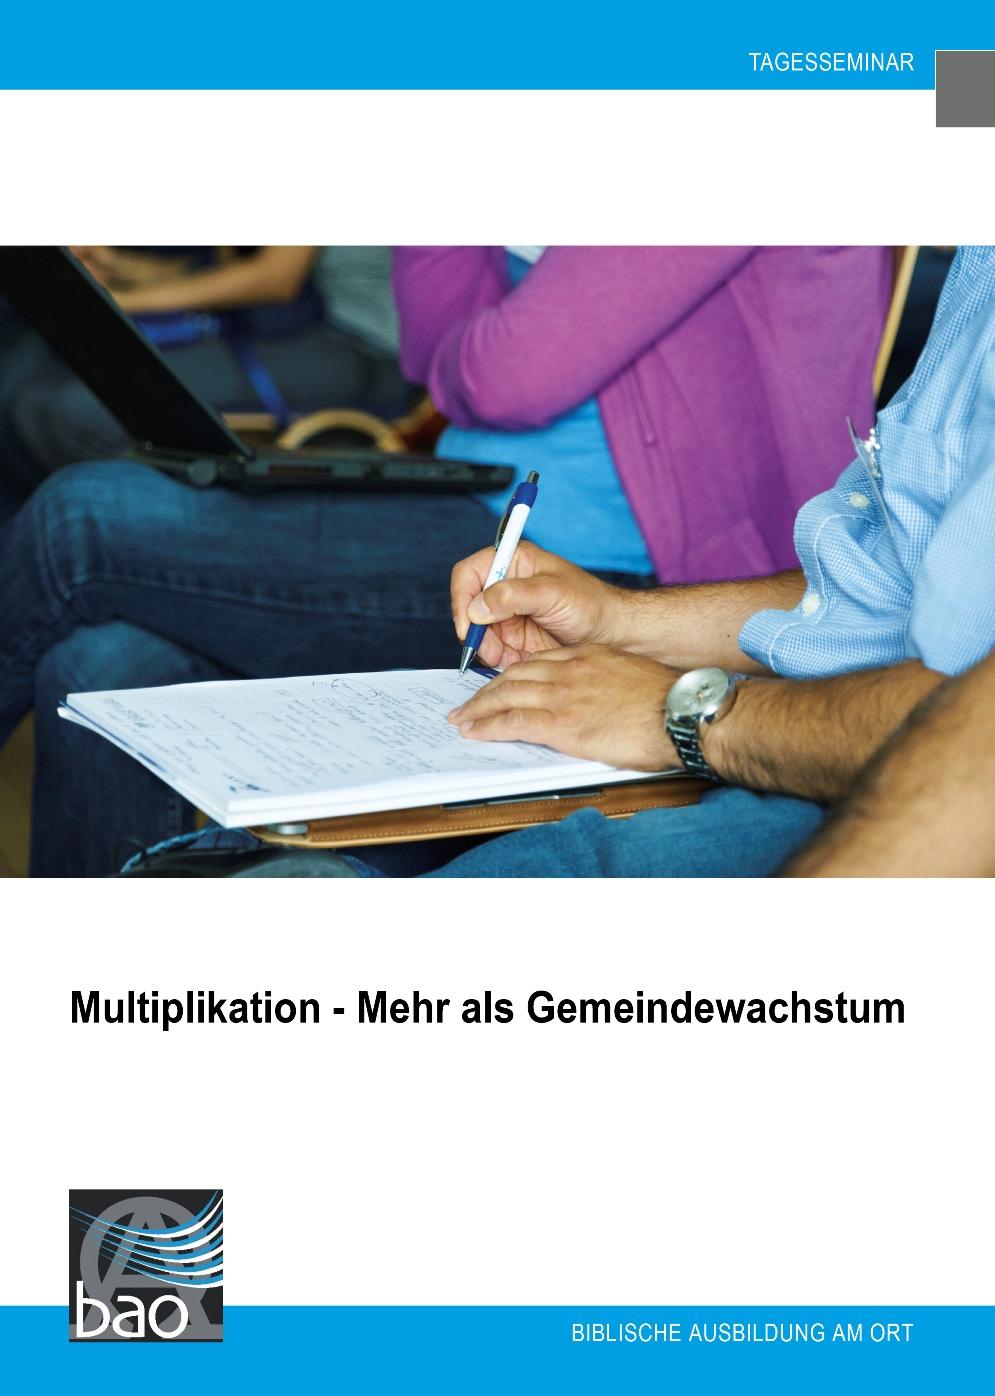 Multiplikation - mehr als Gemeindewachstum Image